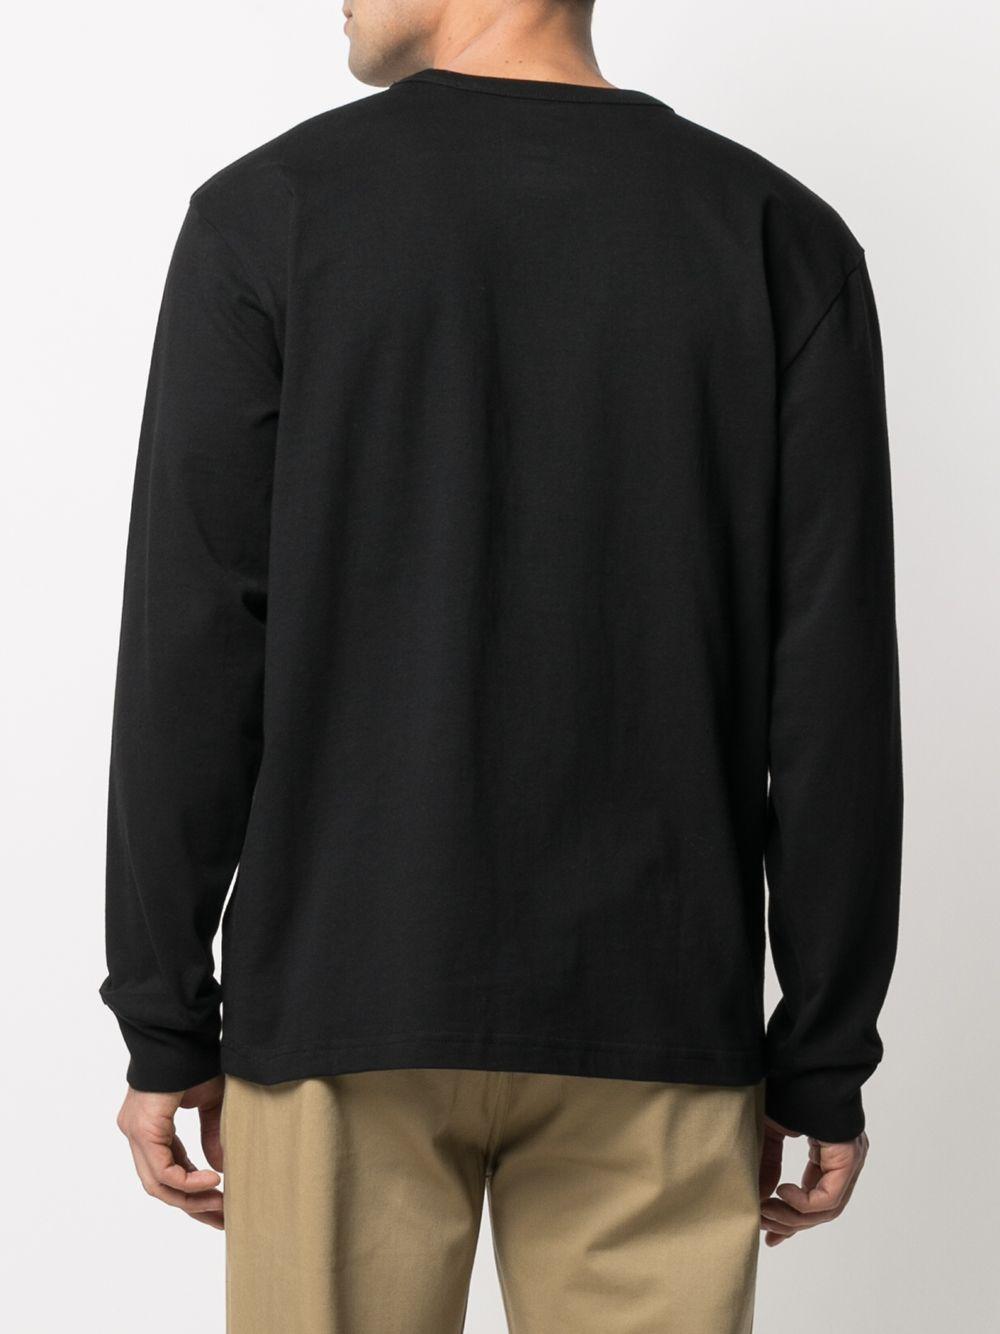 T-shirt maniche lunghe nera uomo in cotone VANS VAULT | T-shirt | VN0A5E1LBLK1